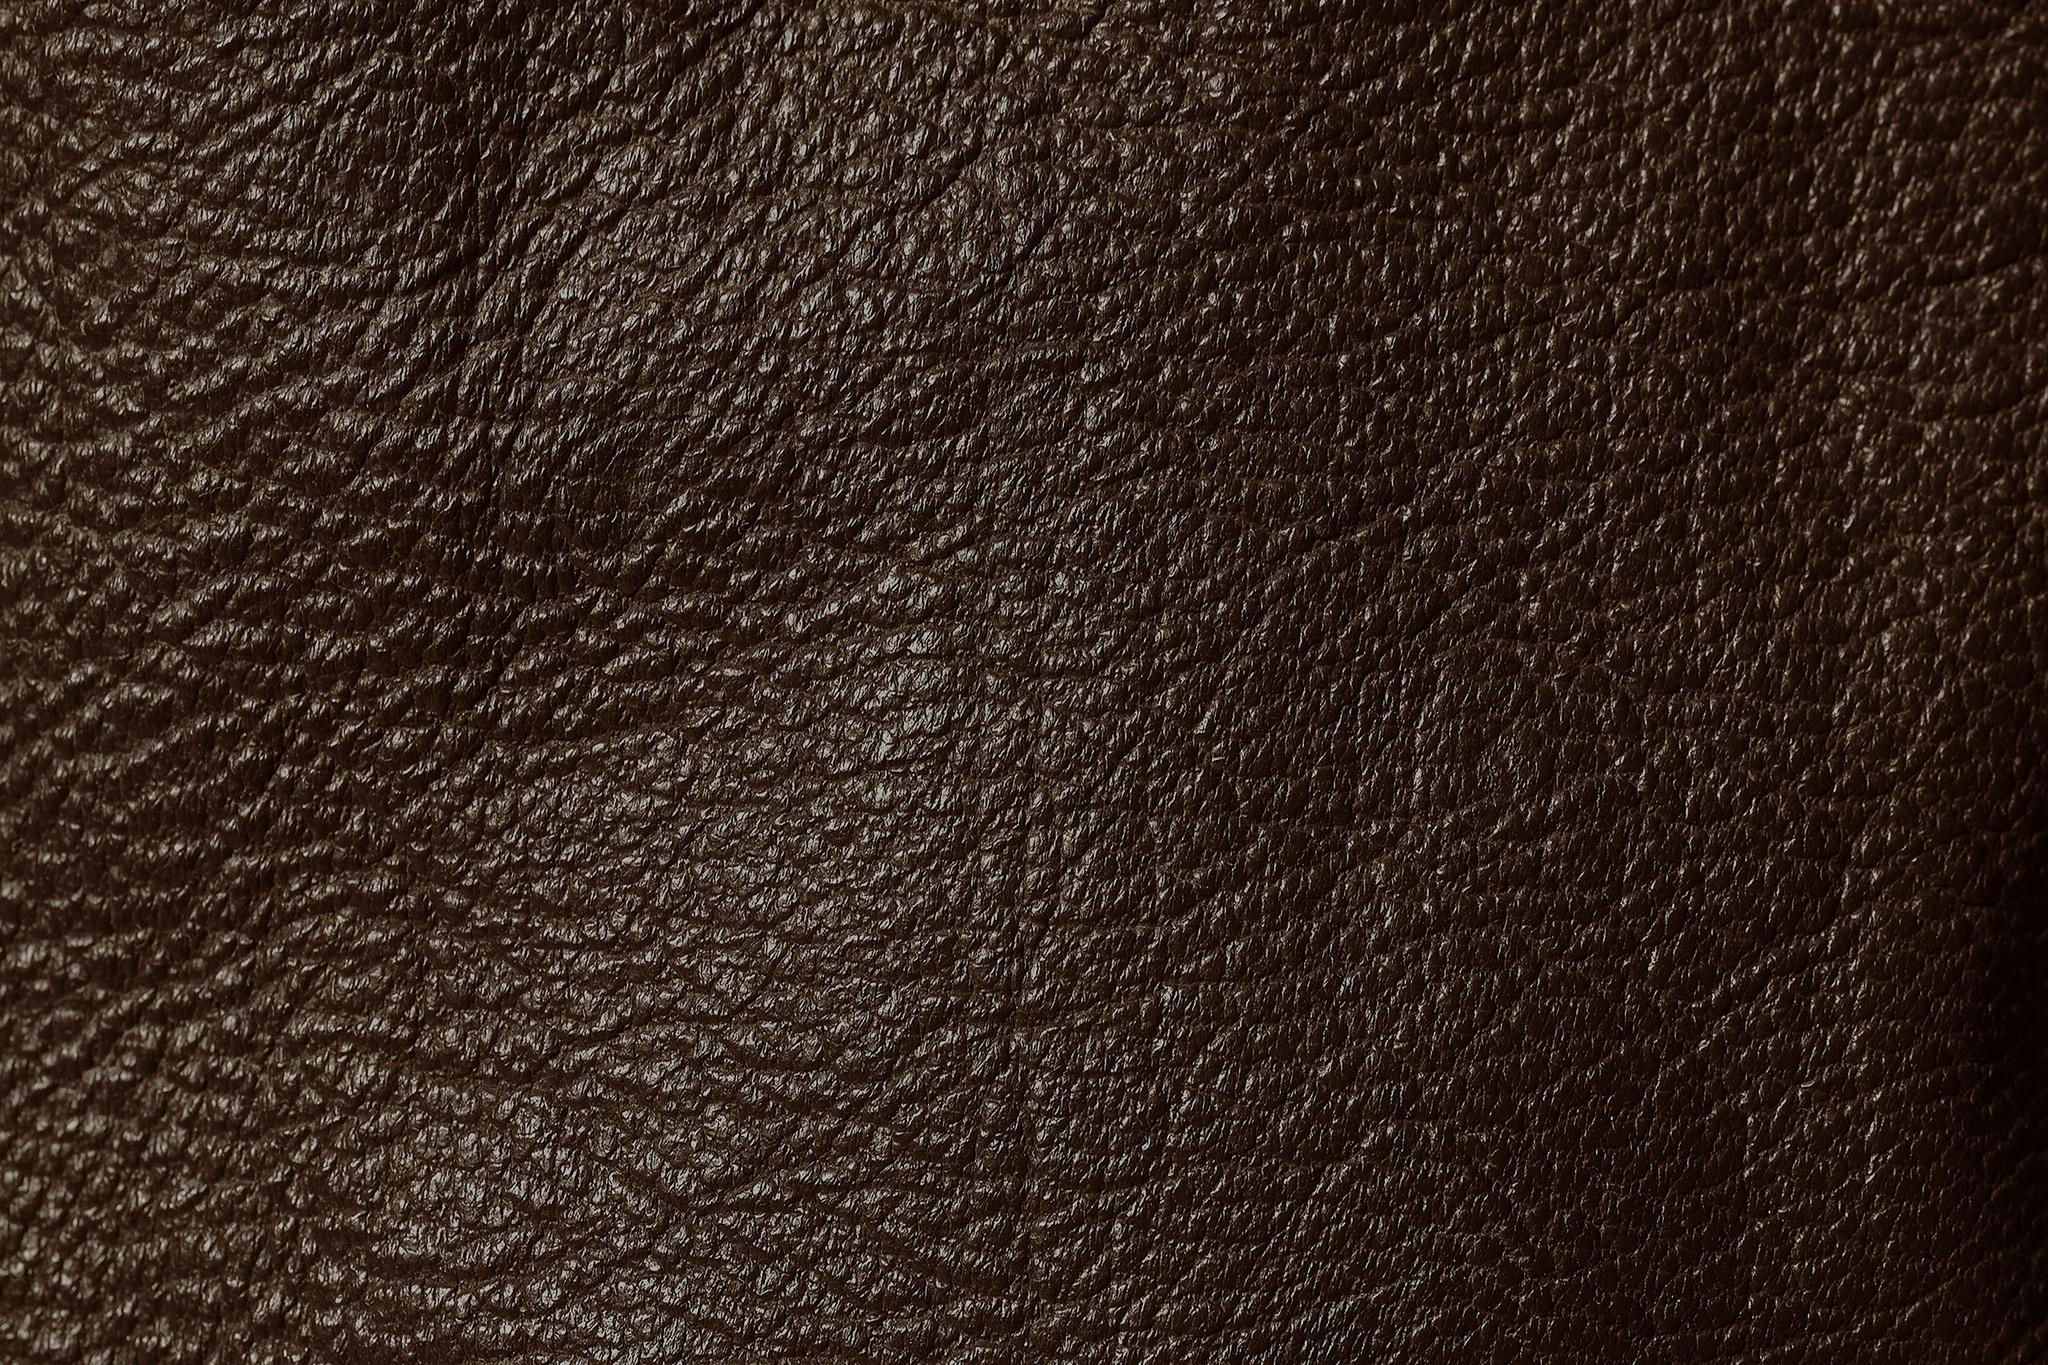 エンボス加工された重厚なイメージの皮